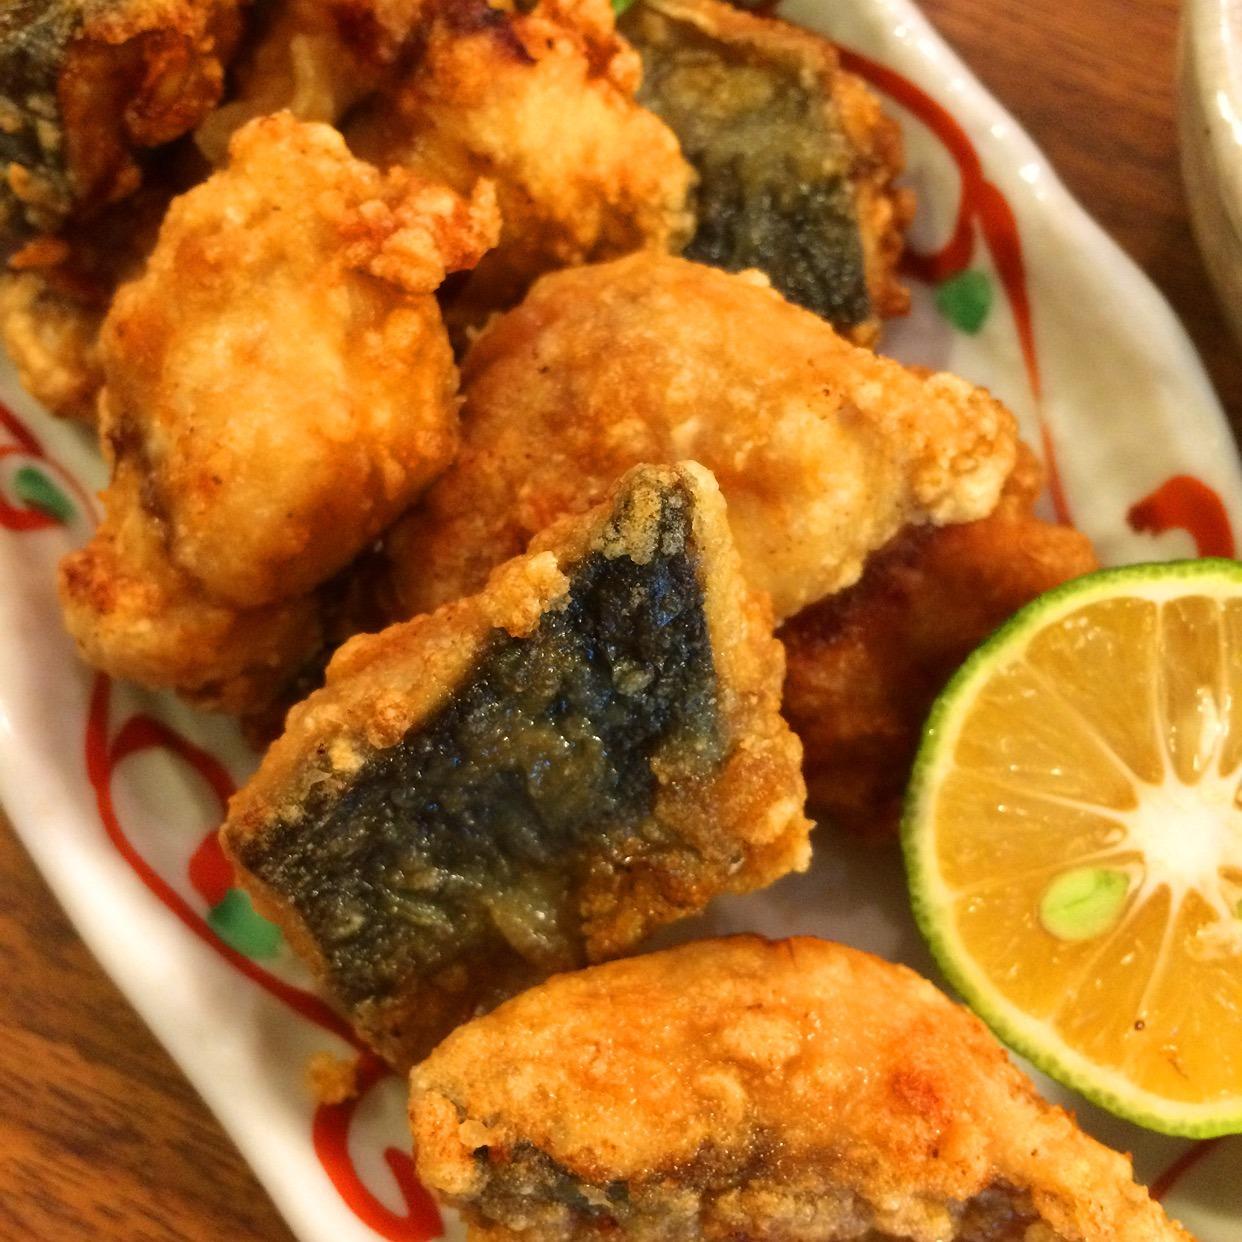 晩 御飯 魚 今日 の 『晩御飯何にしよう?』迷った時におすすめの夕飯メニュー50選!